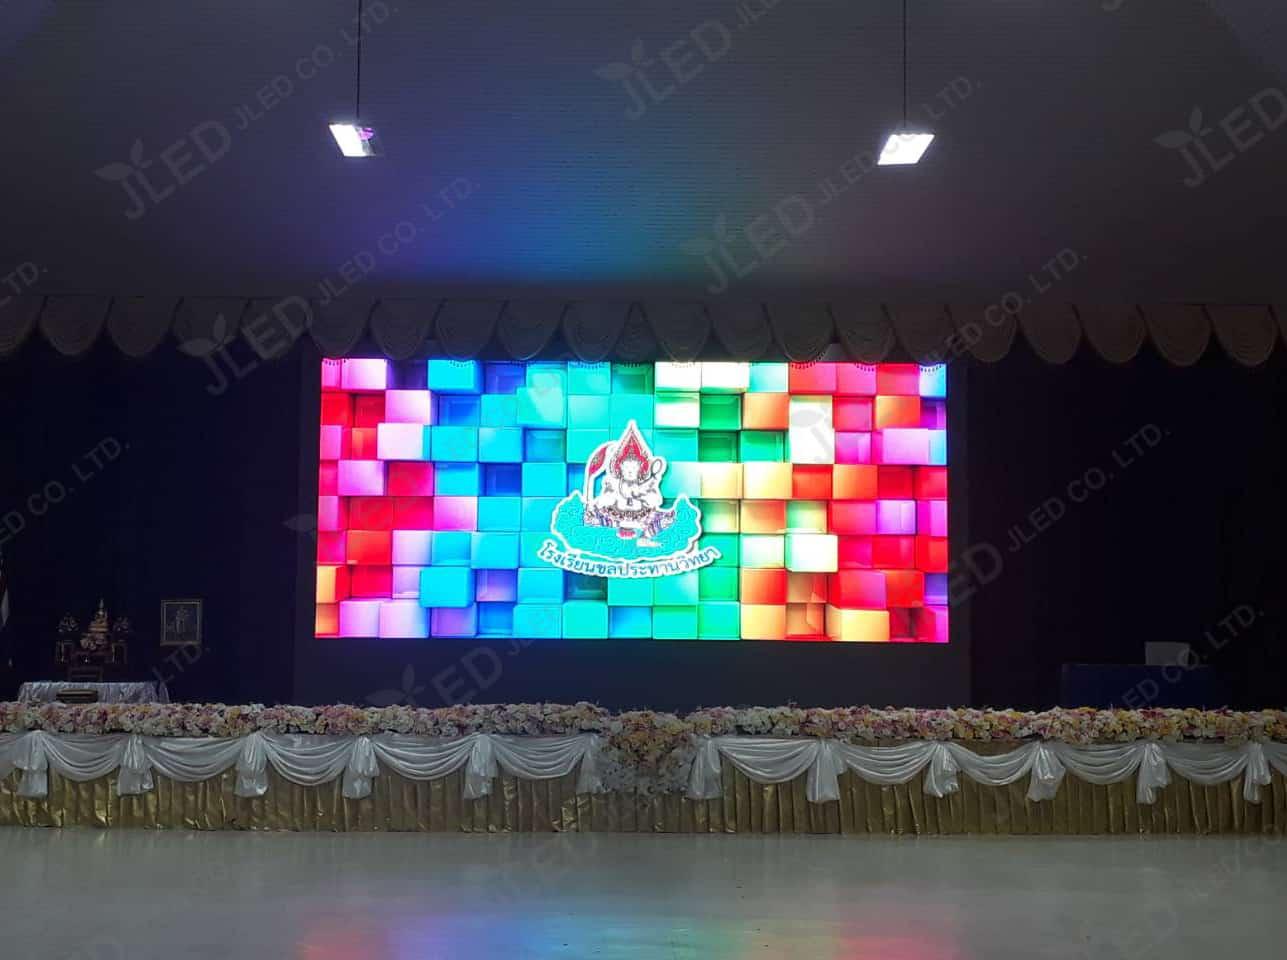 จอled display indoor p6 โรงเรียนชลประทานวิทยา jled